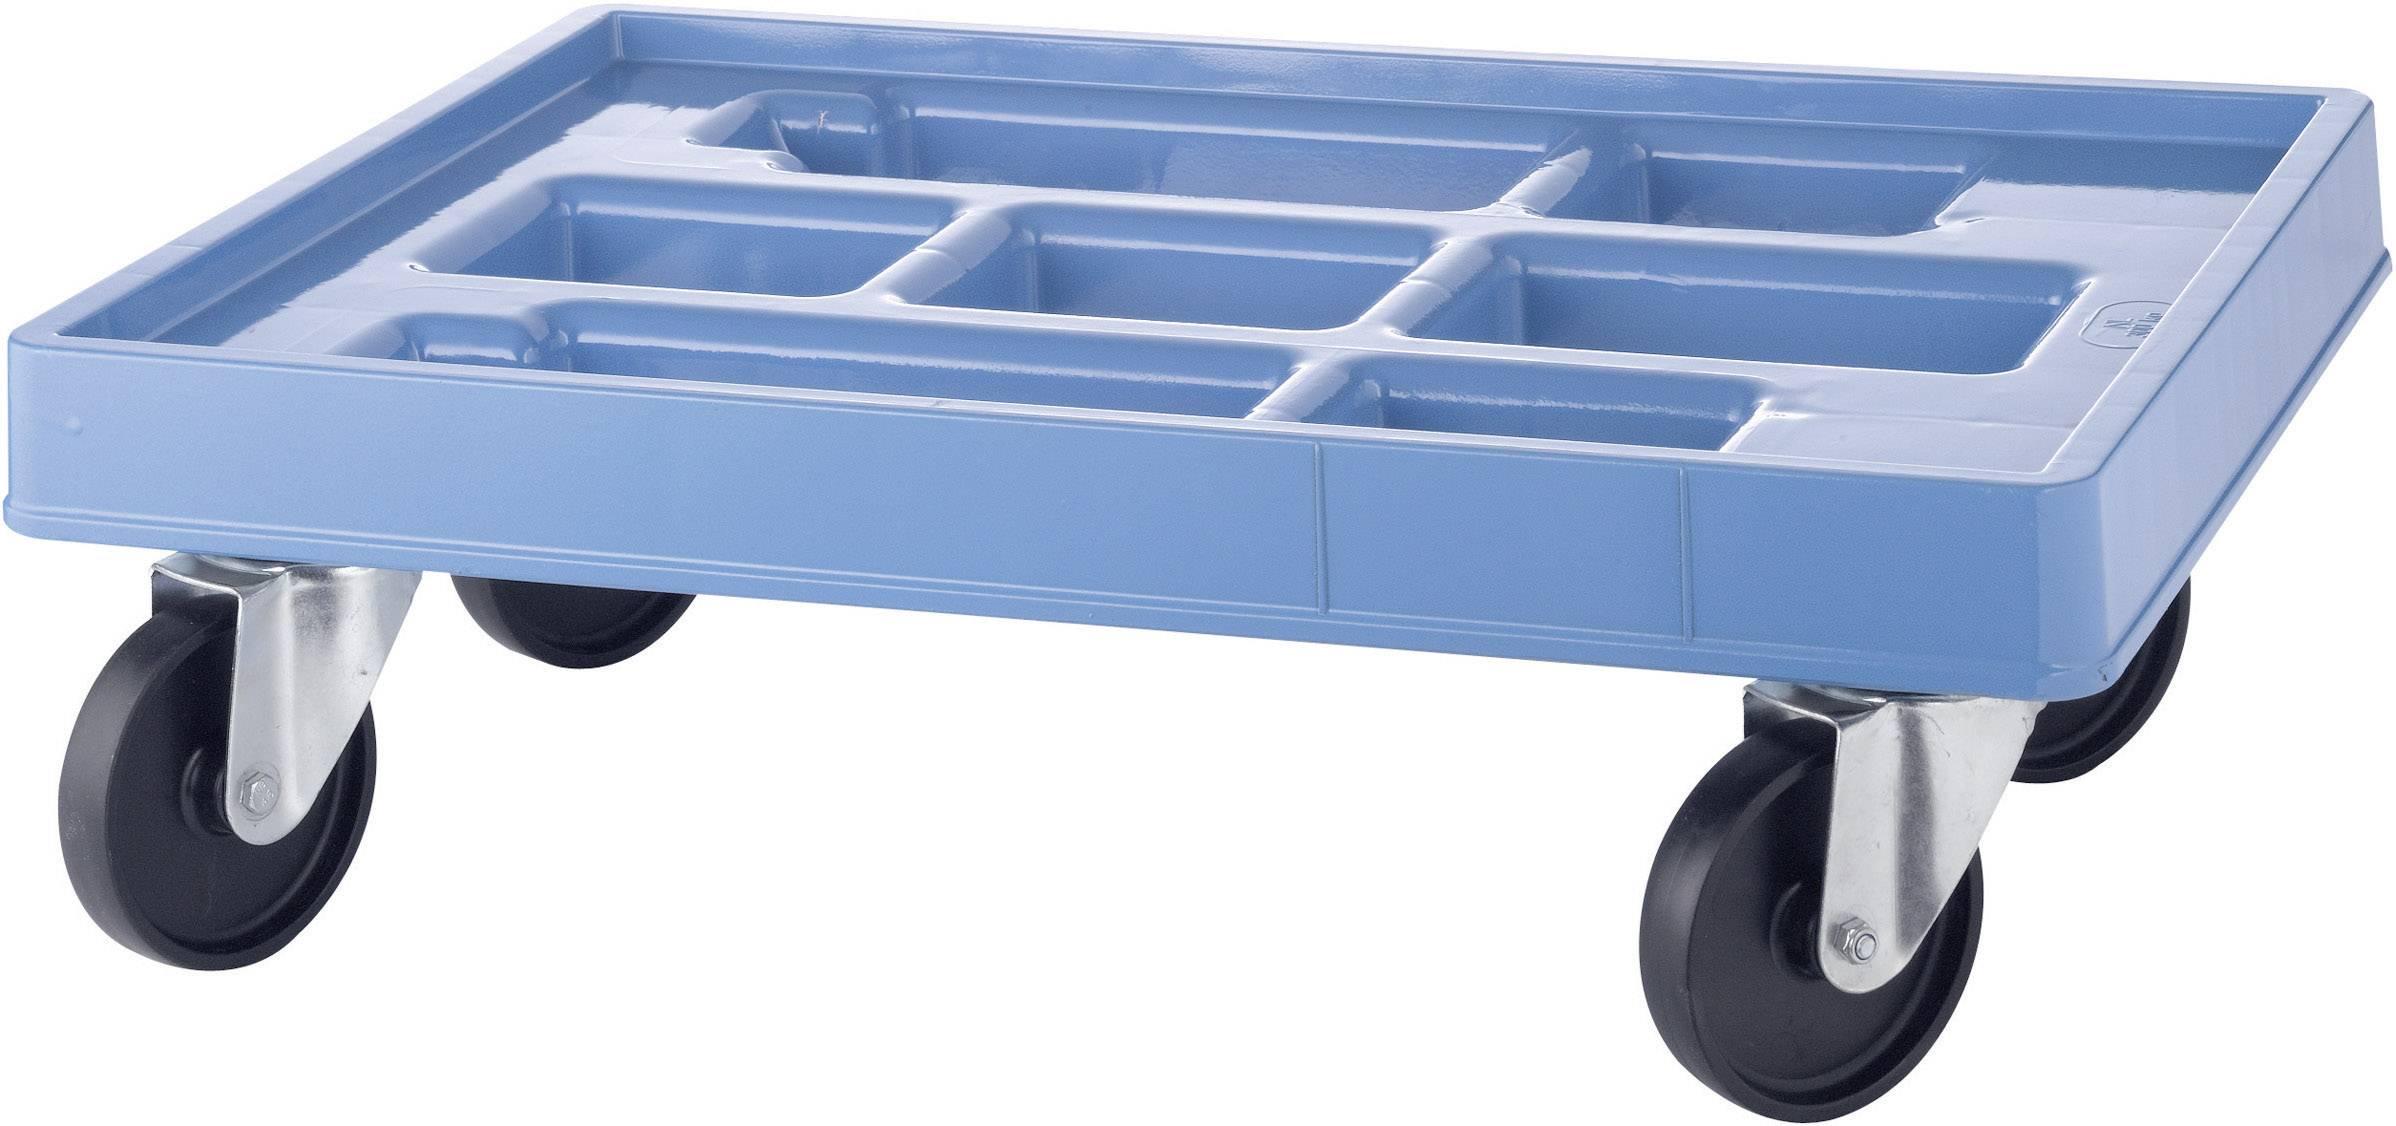 Přepravní vozík na nábytek